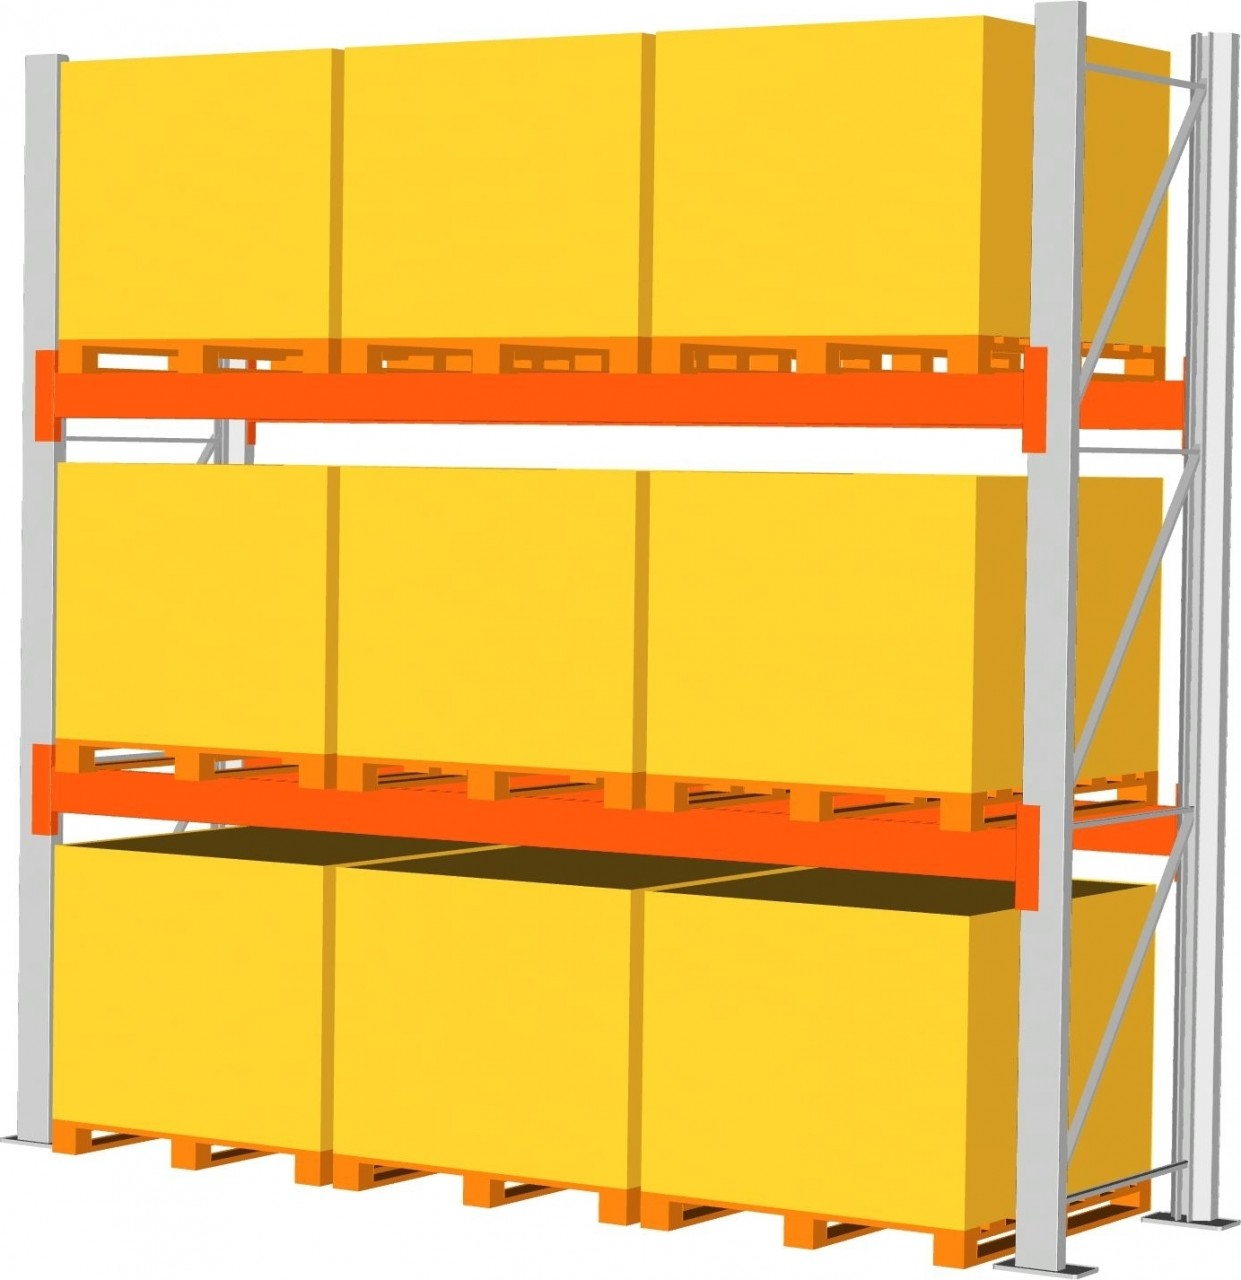 Anbauregal META MULTIPAL, bis 9 Paletten a 1000 kg, HxT 2700x1100 mm, 2 Trägerpaare